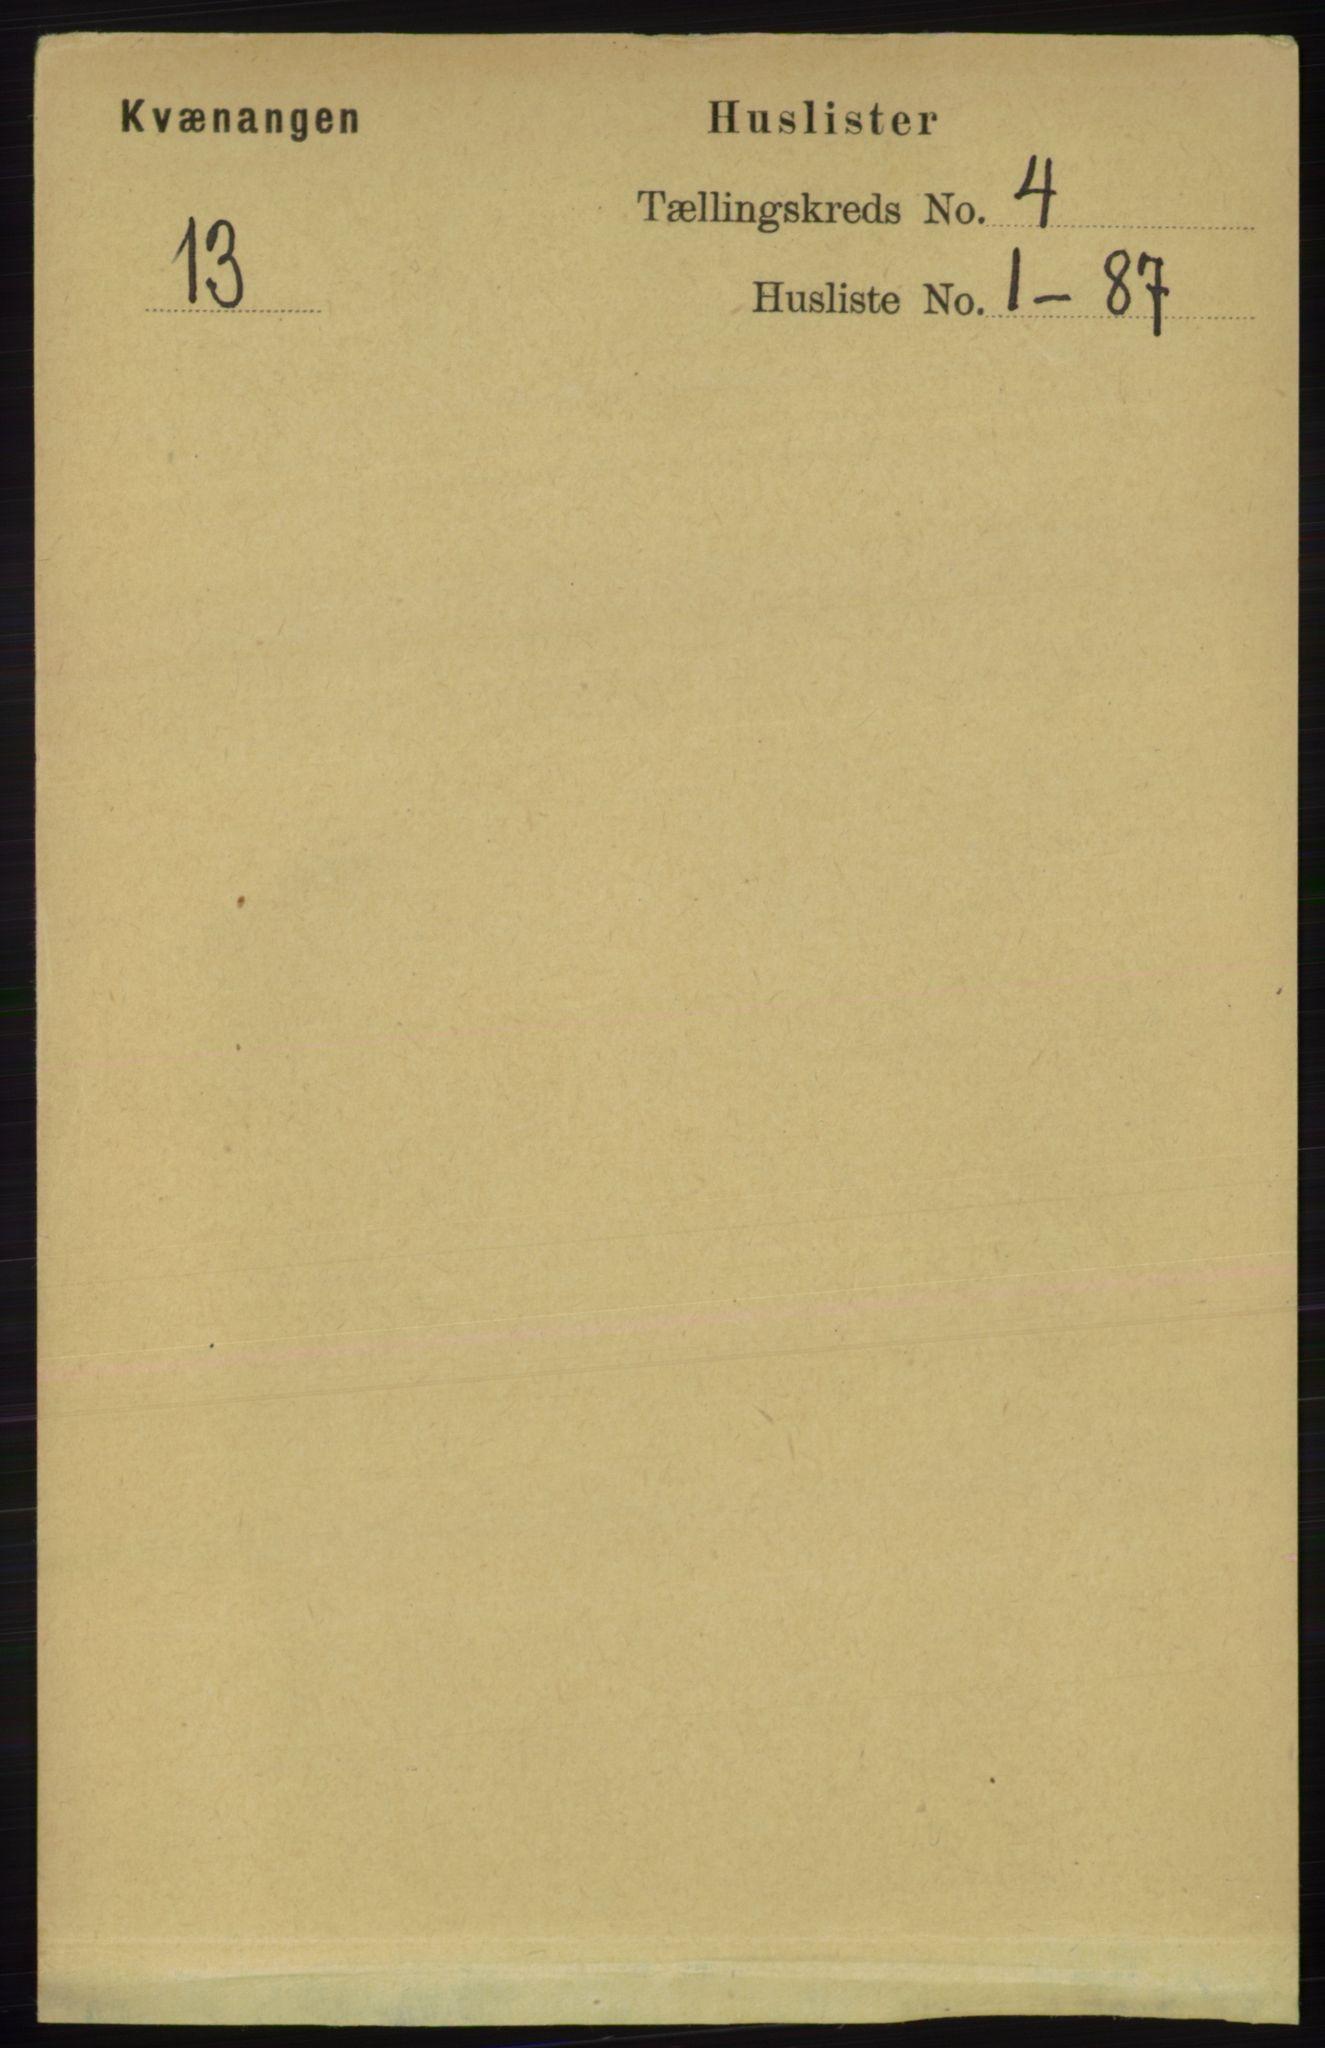 RA, Folketelling 1891 for 1943 Kvænangen herred, 1891, s. 1453